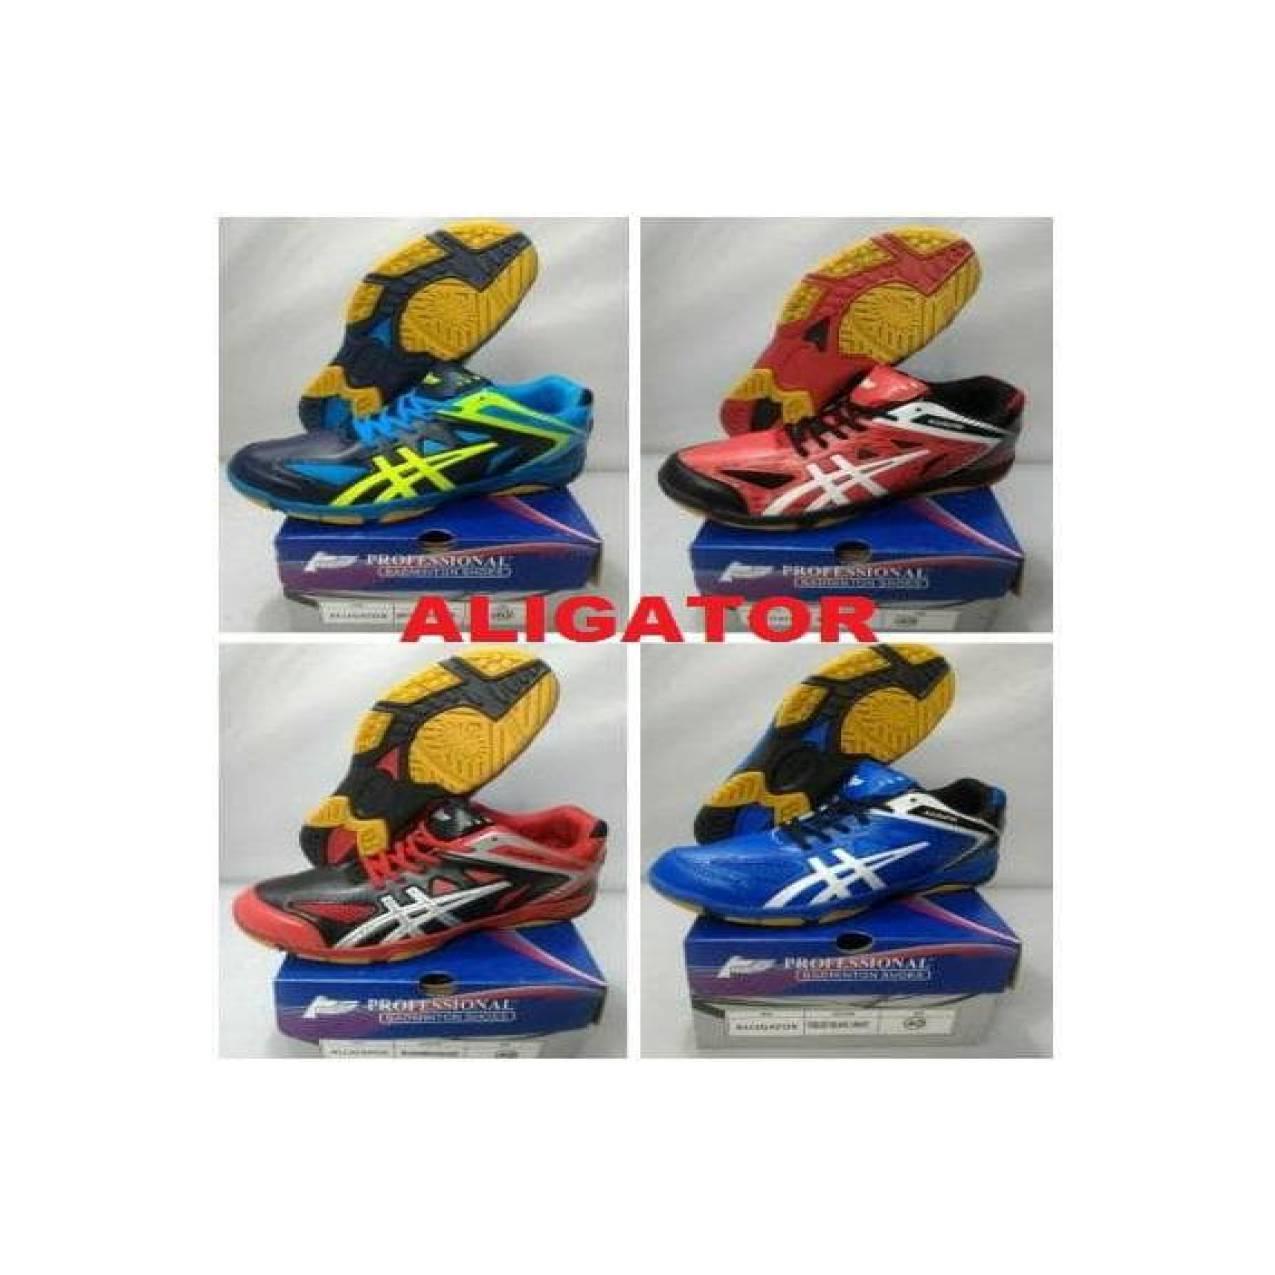 Sepatu Bulutangkis Aligator Profesional - Badminton Shoes Professional